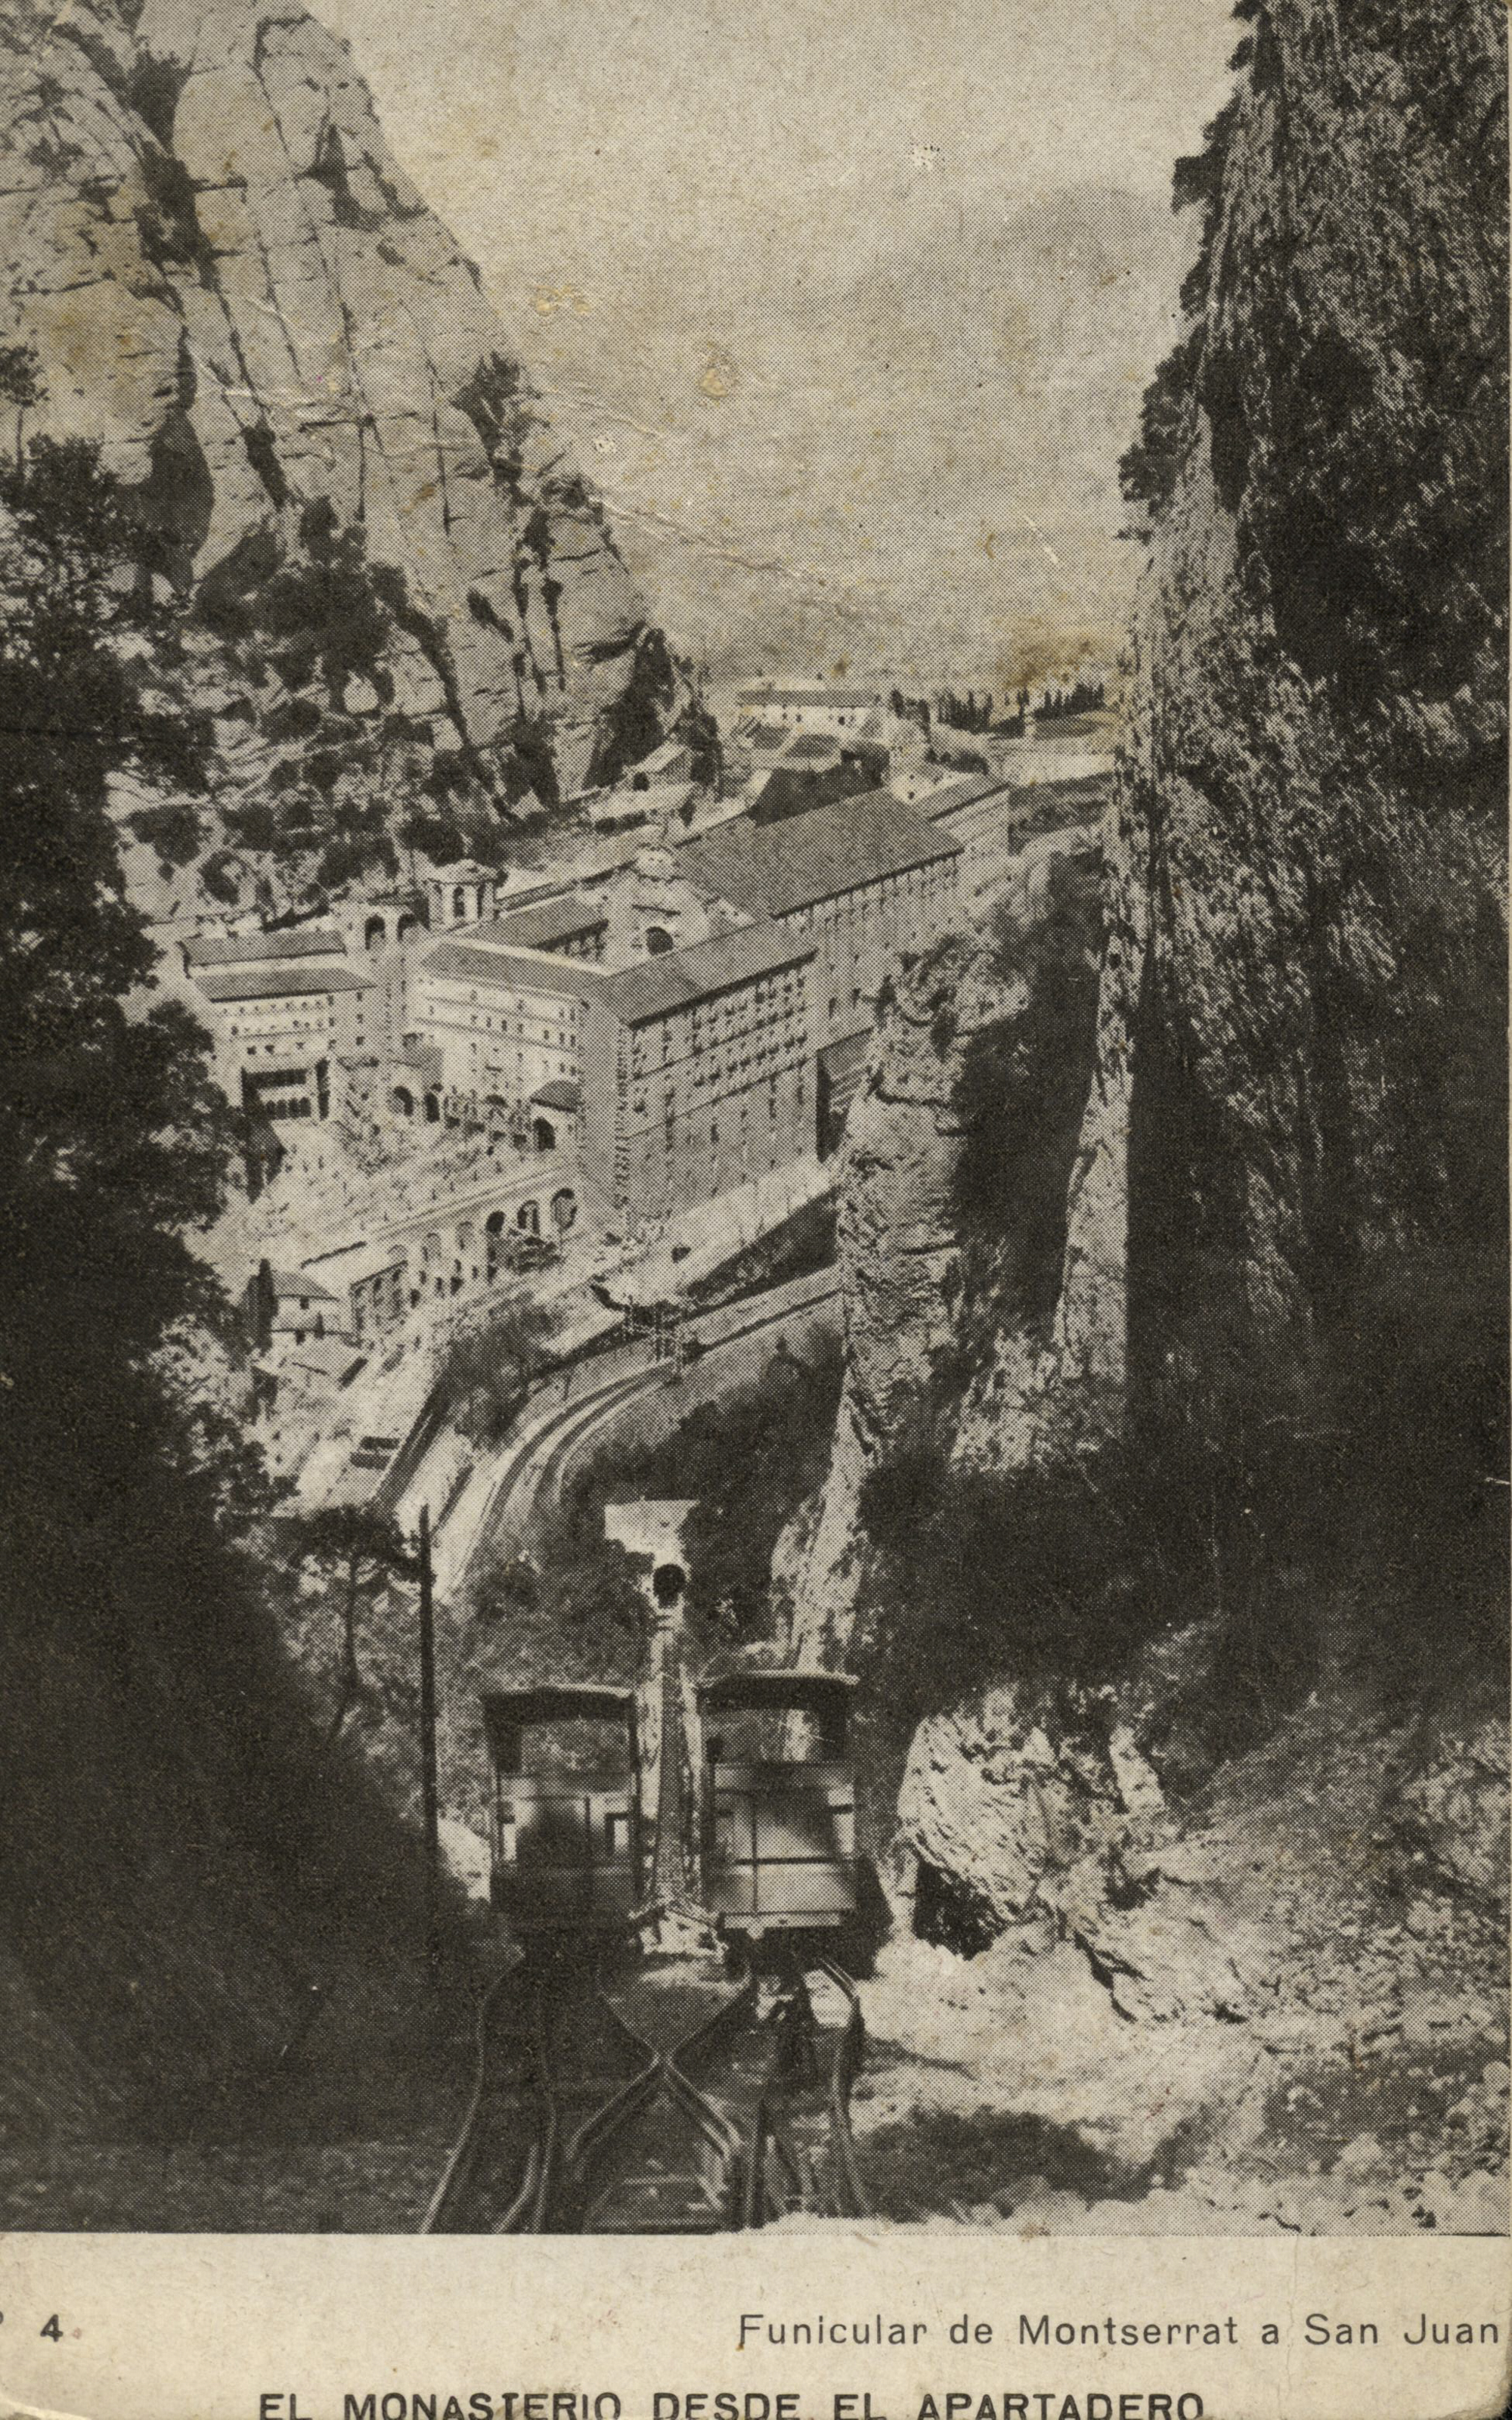 Montserrat album de postals 20101124125312842 girada girada